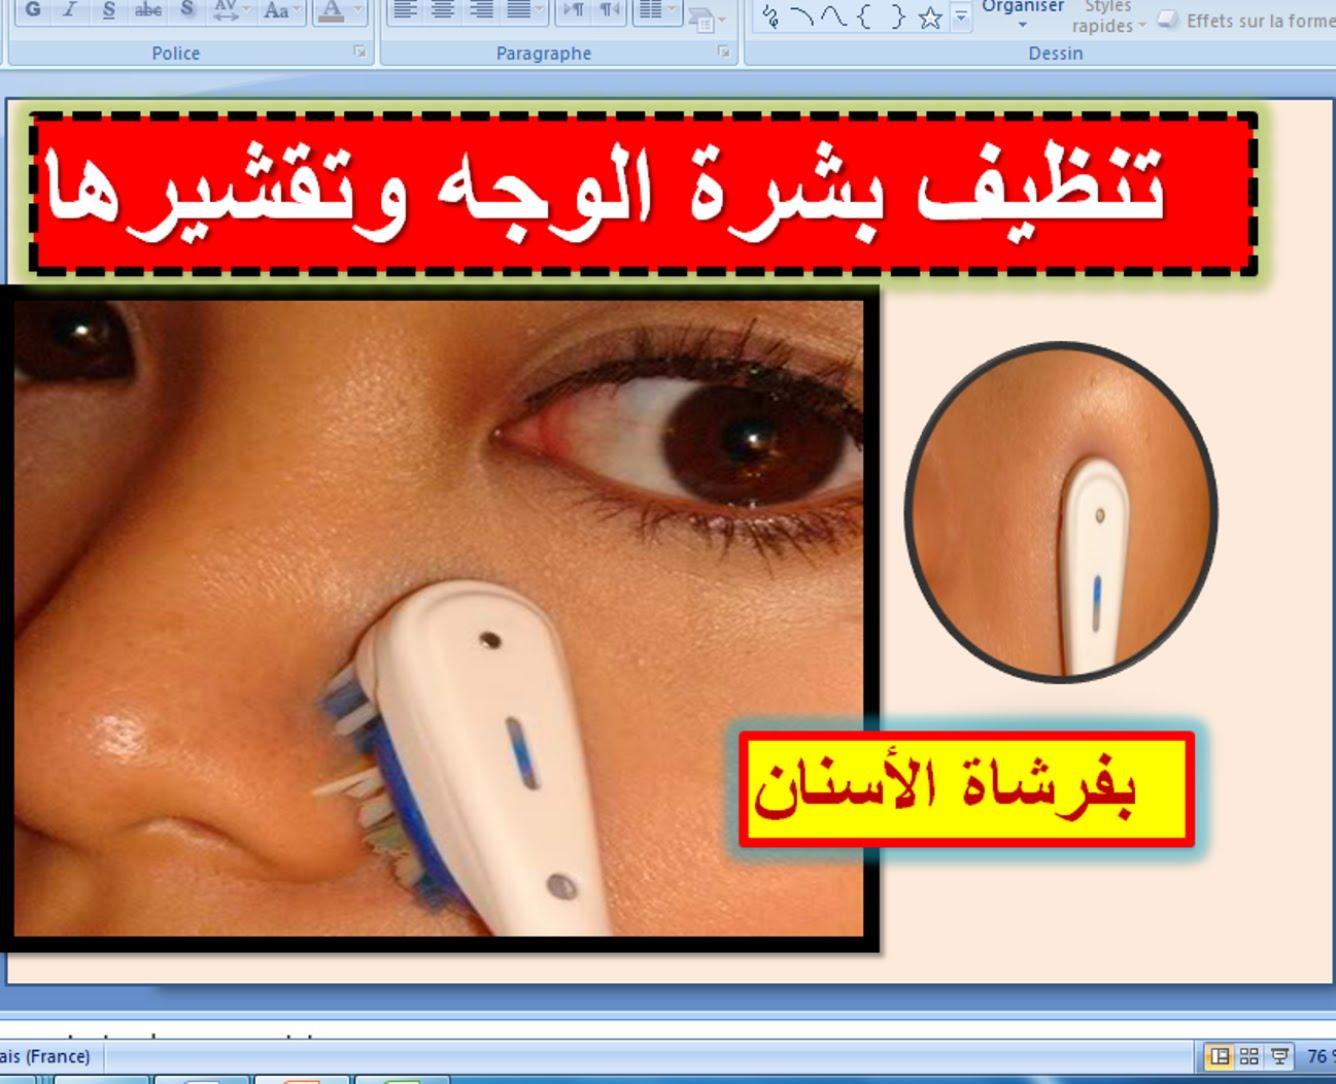 بالصور احسن طريقة لتنظيف الوجه , صور مختلفه لتنظيف وجهك 1434 4